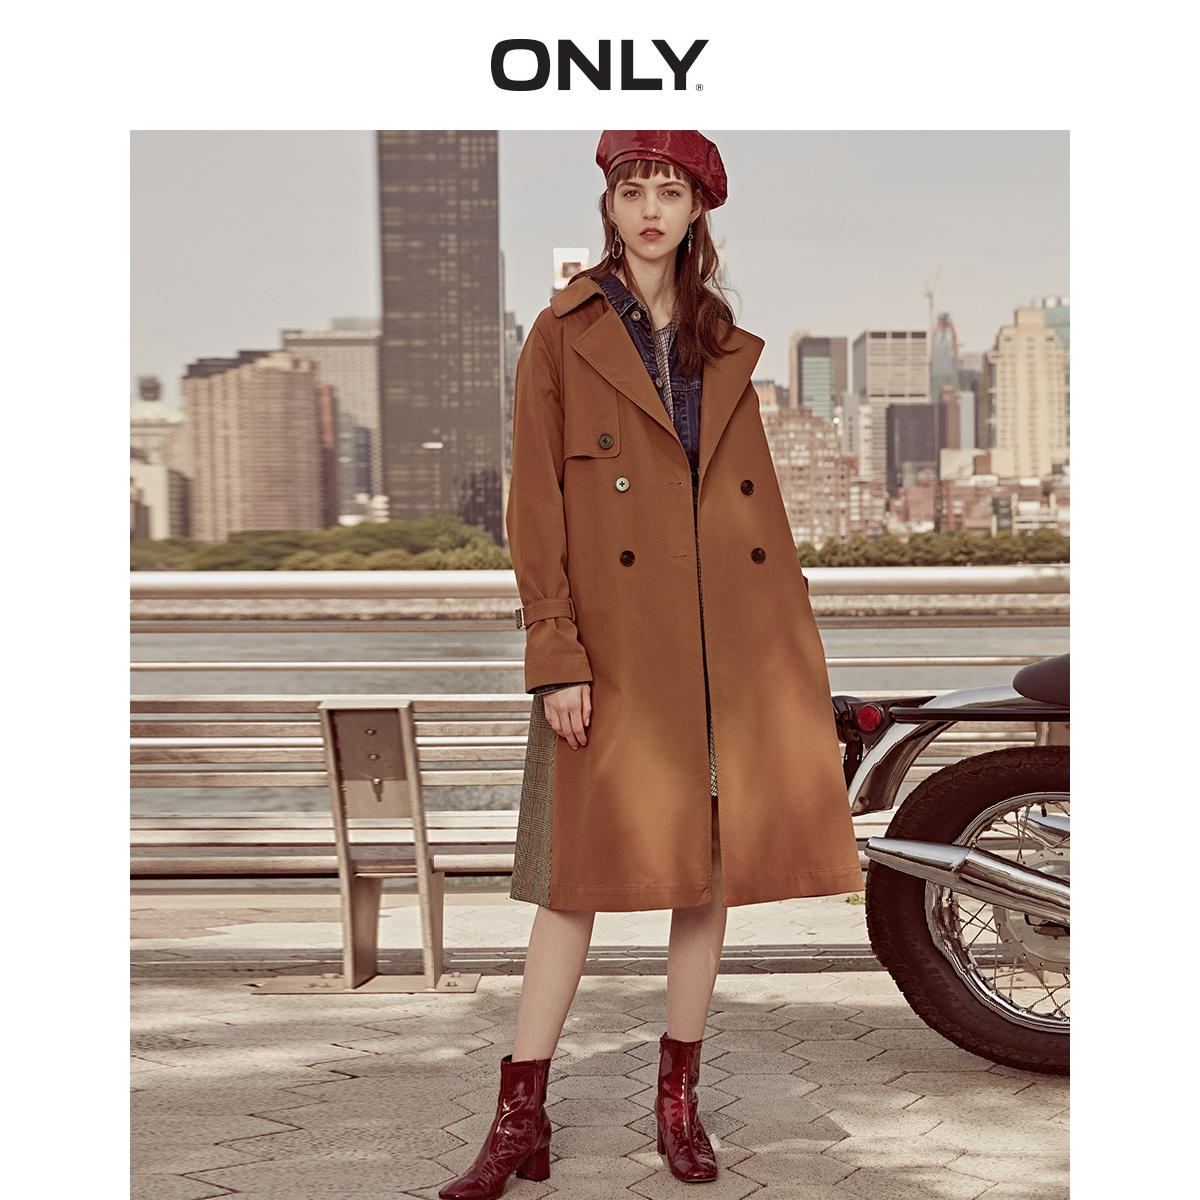 ONLY 格纹拼接 女式中长款风衣 118336546 双重优惠折后¥194包邮